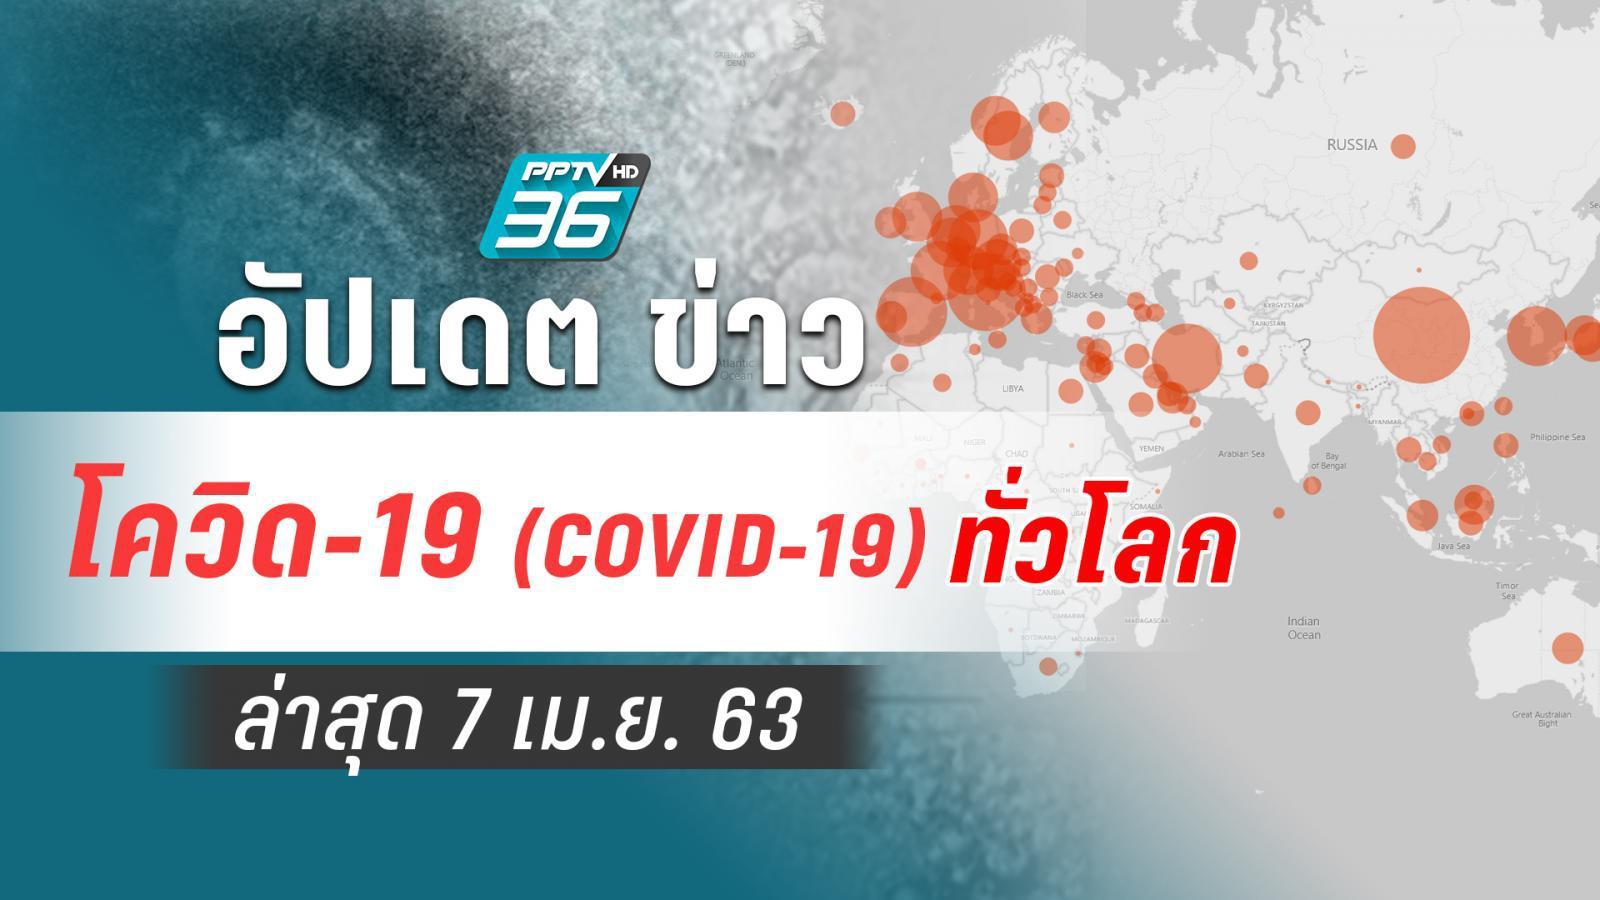 อัปเดตข่าว สถานการณ์ โควิด-19 ทั่วโลก ล่าสุด  7 เม.ย. 63